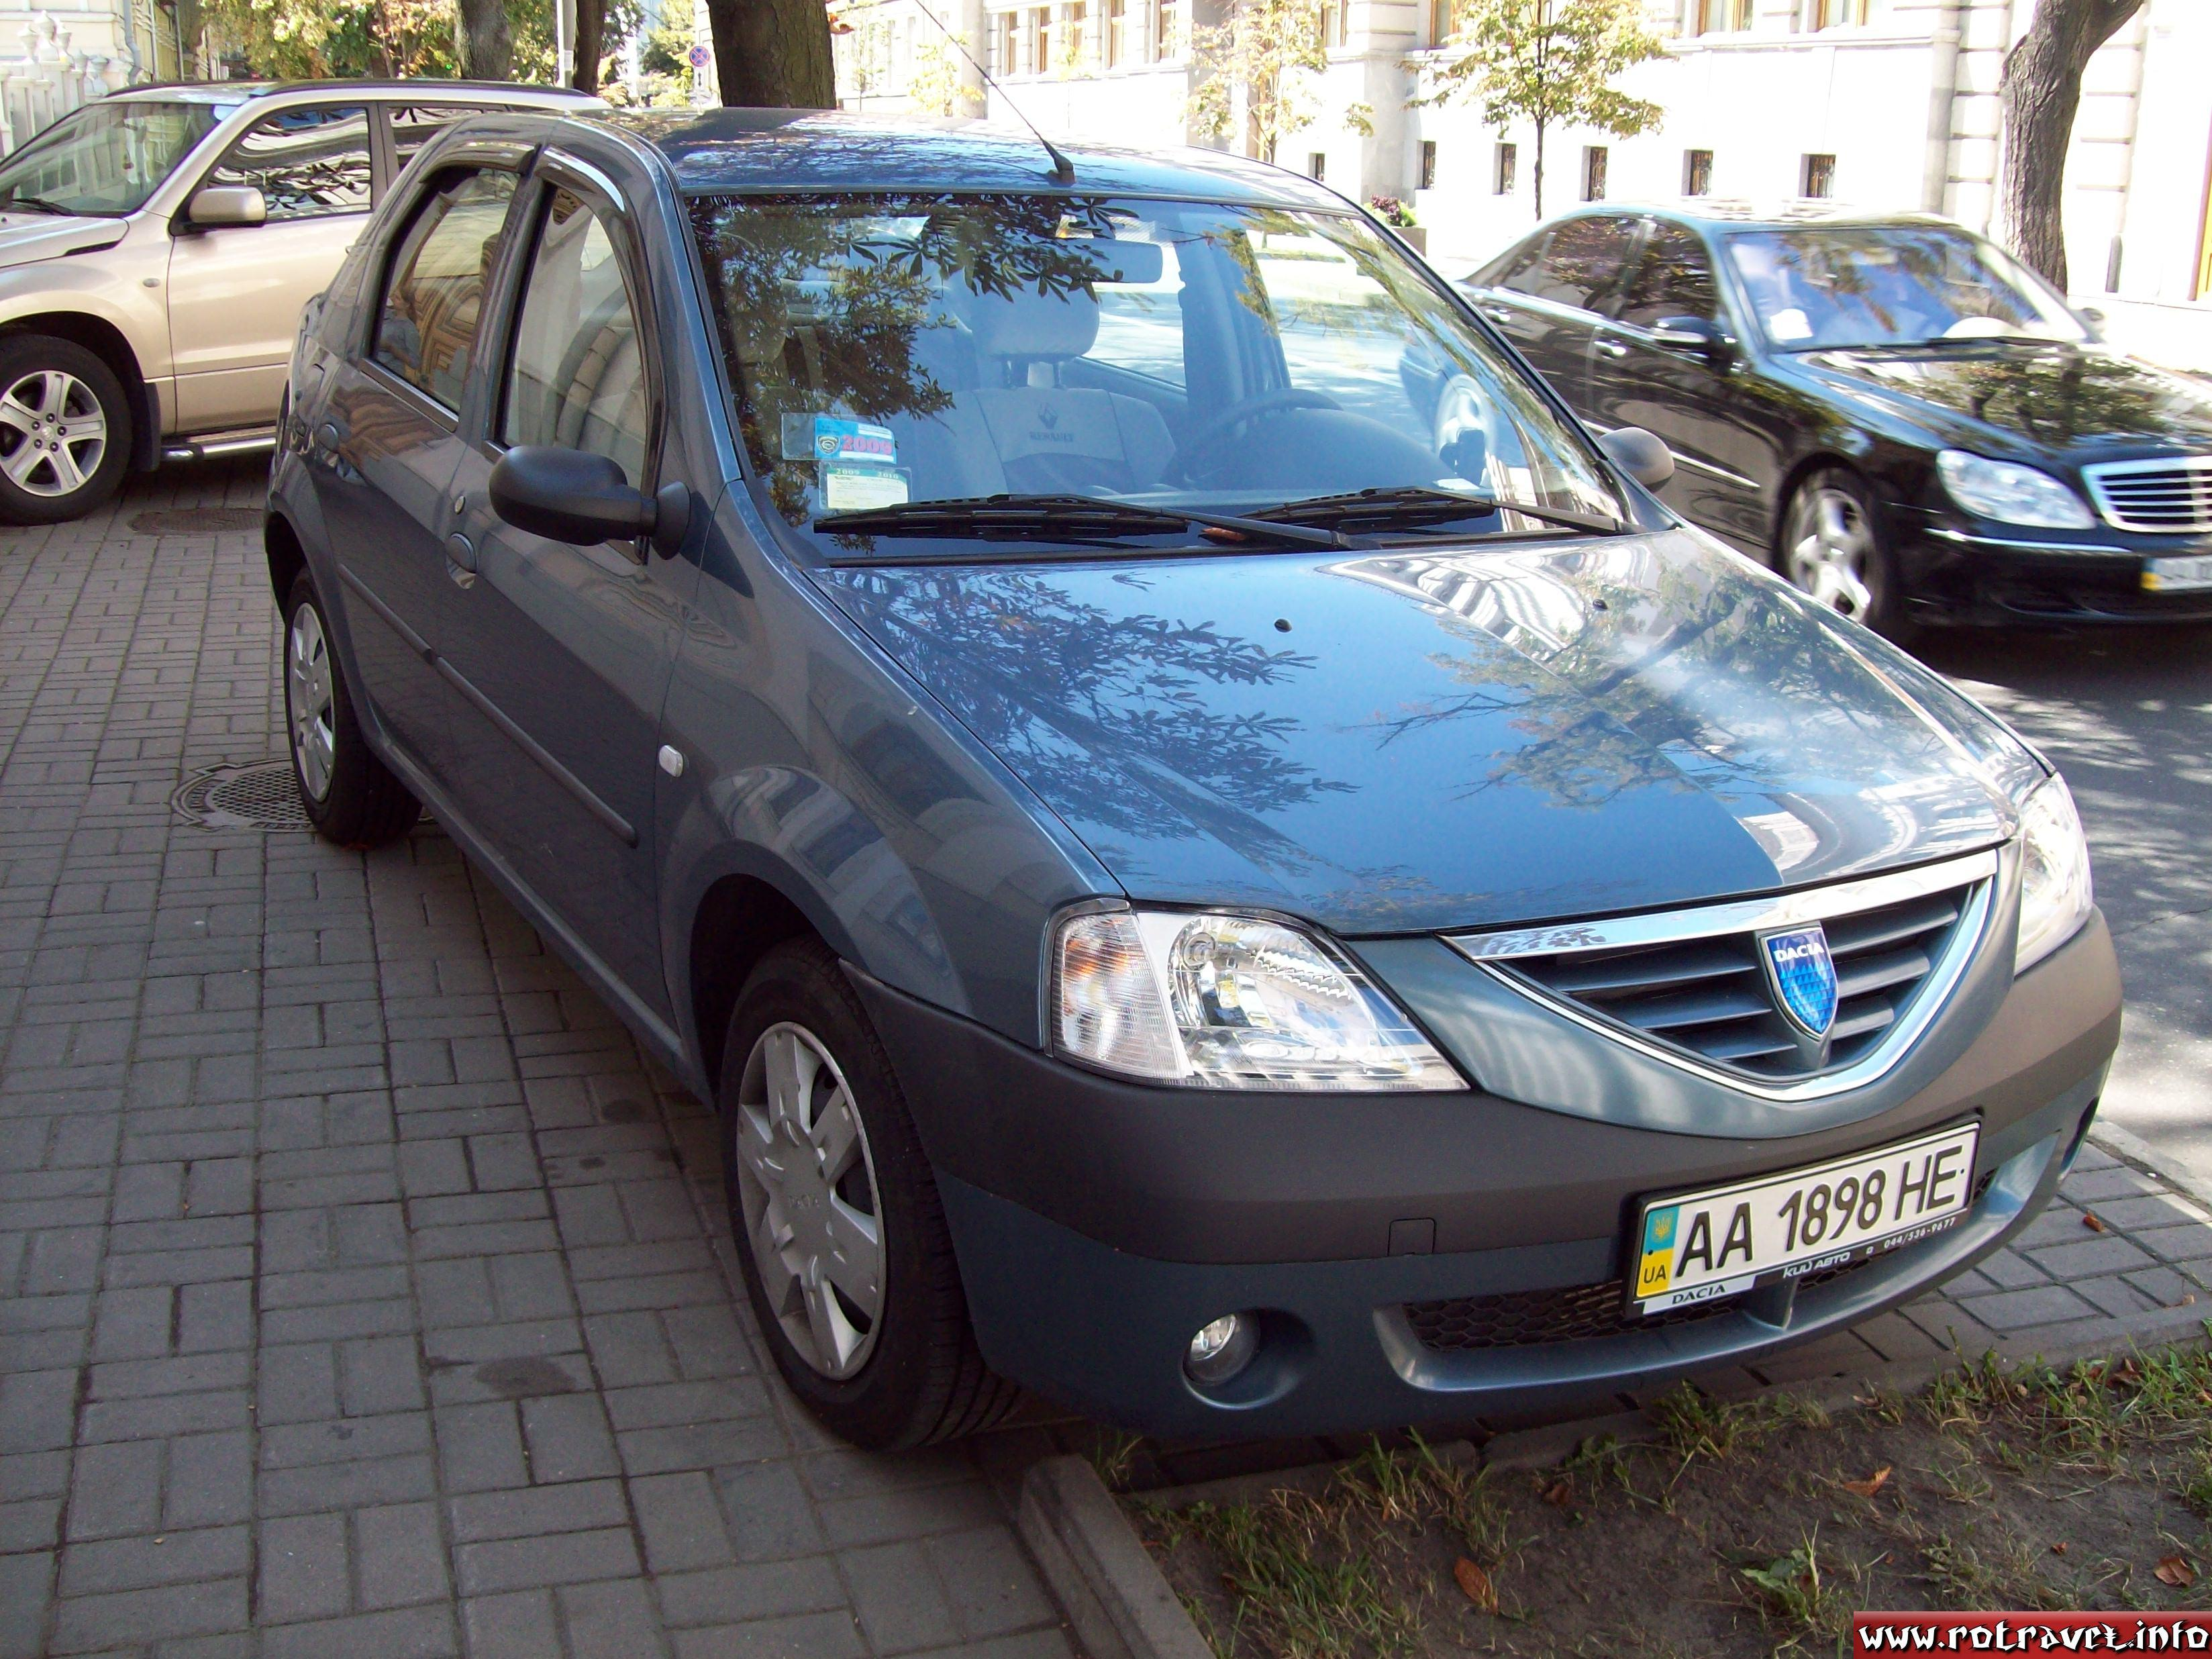 Dacia car in Kiev :)